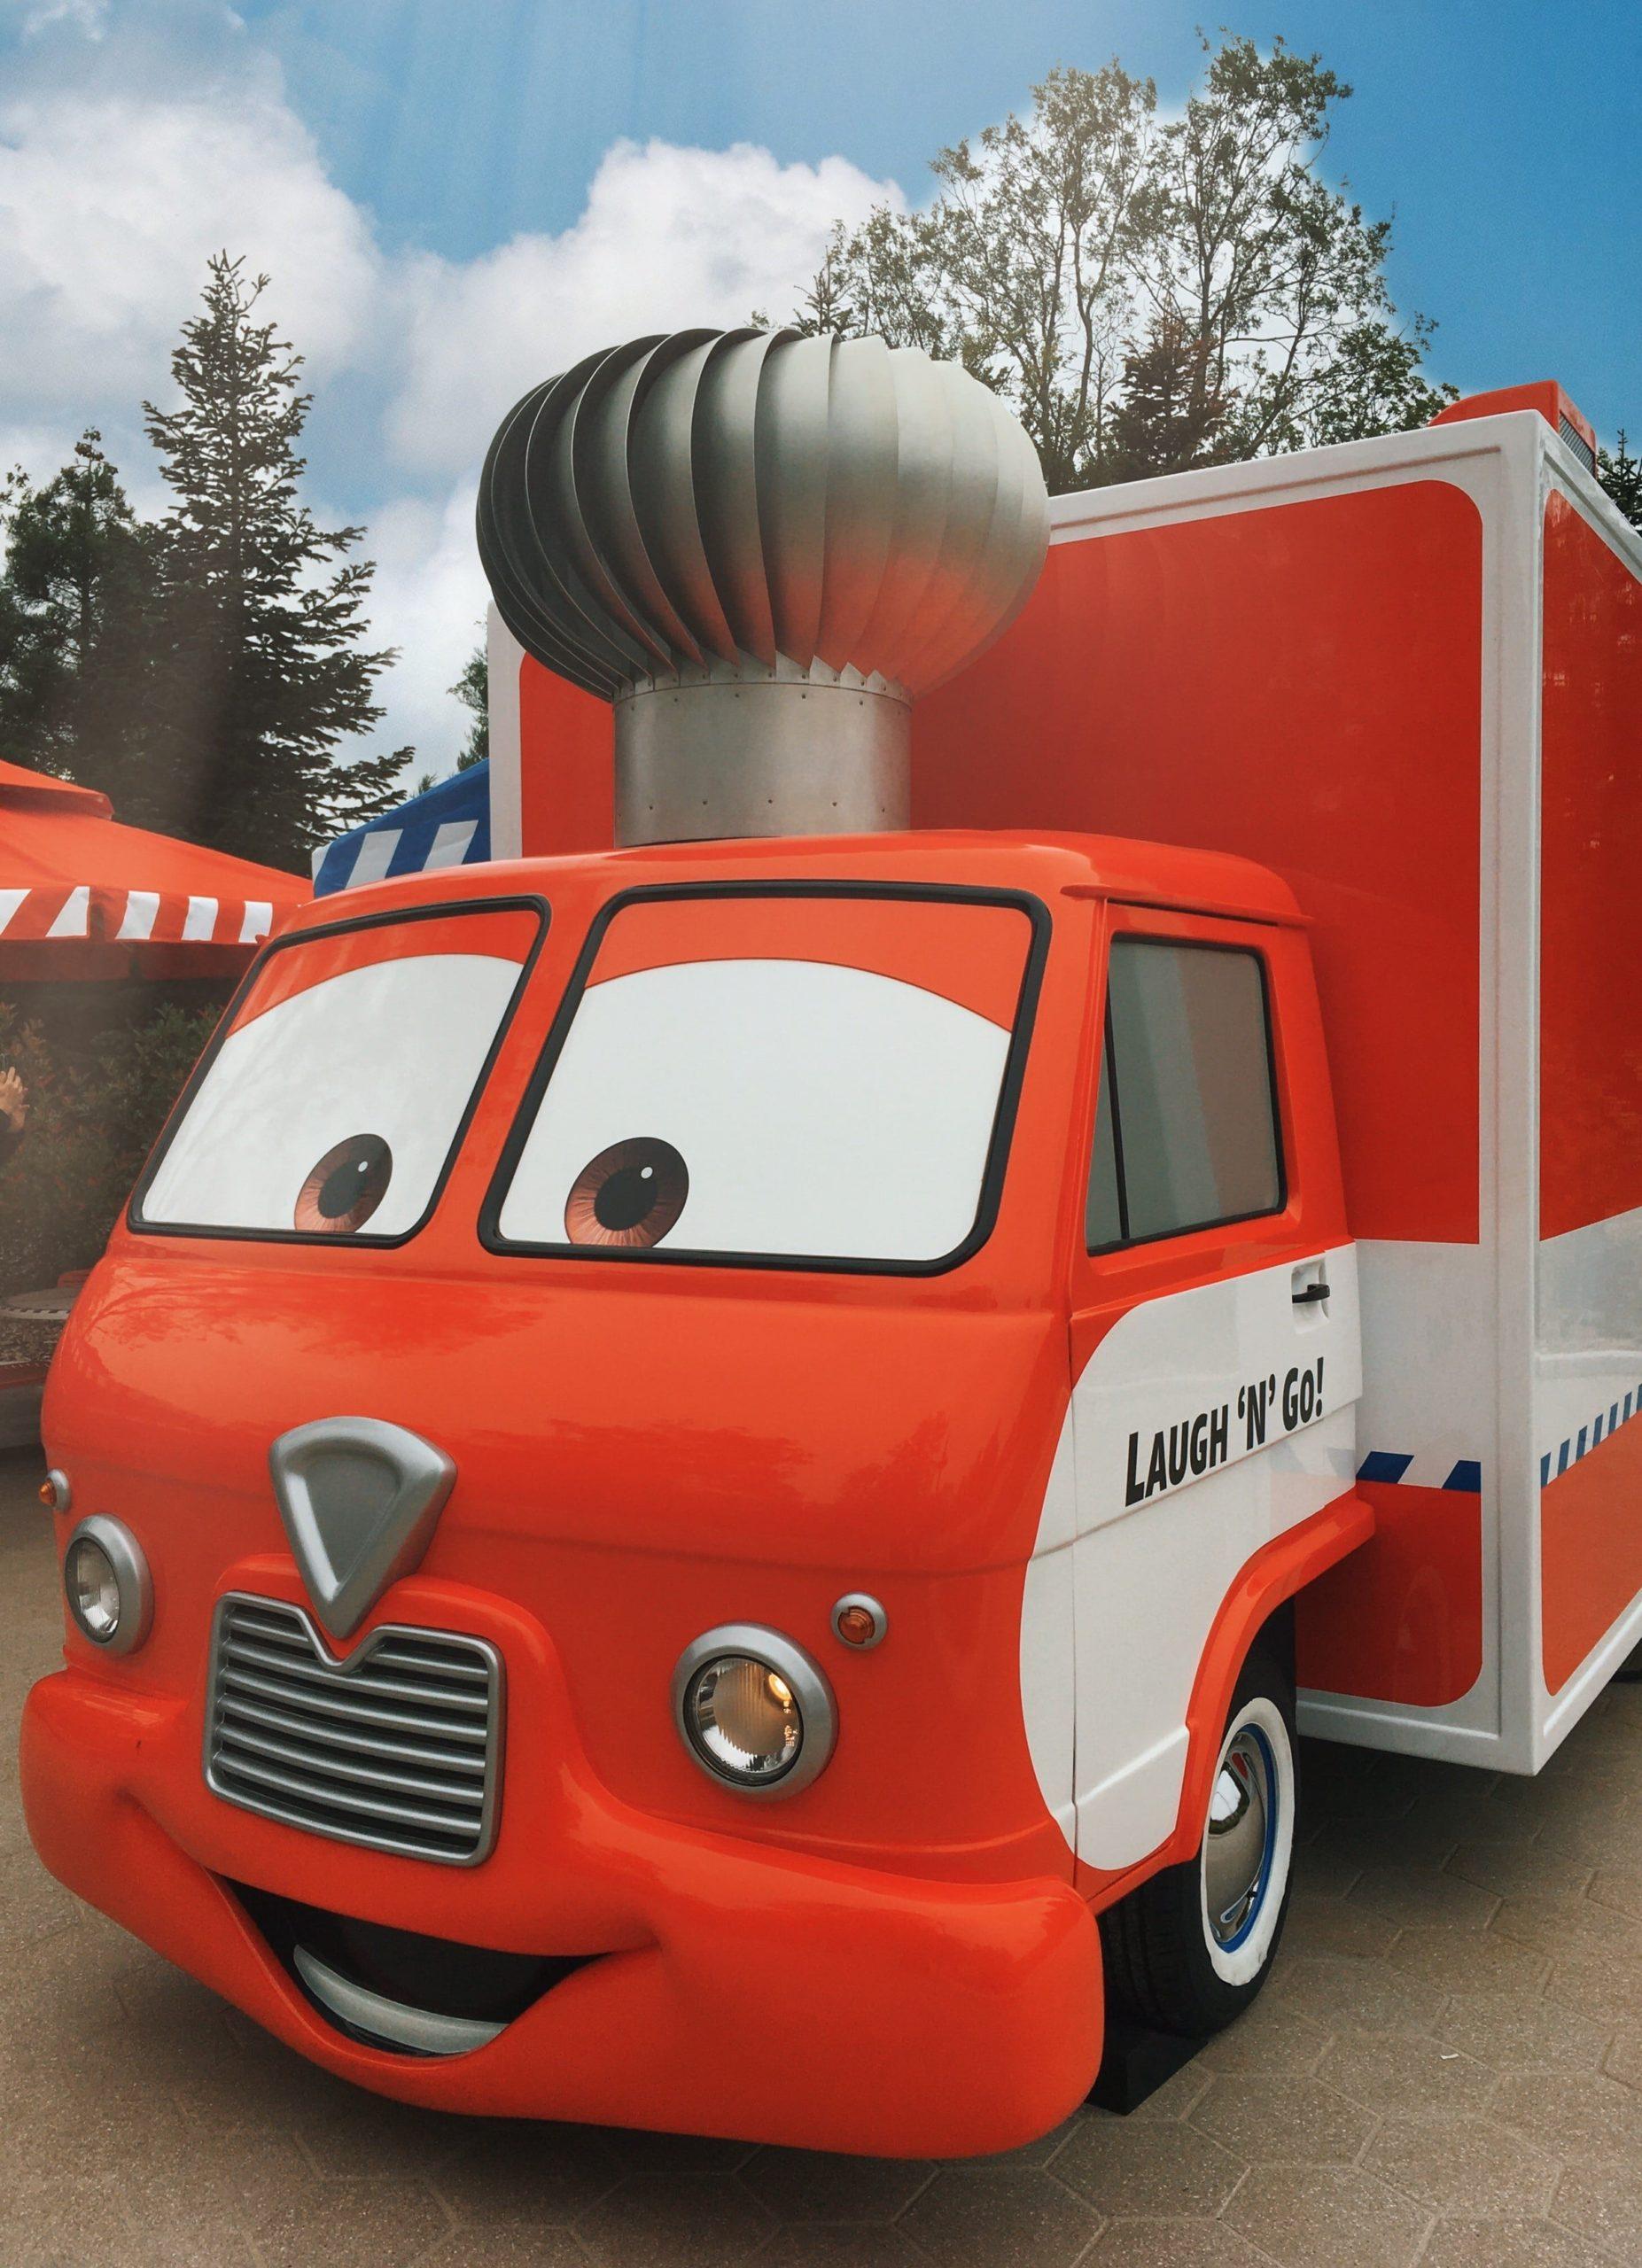 Cars Laugh 'n Go Food Truck in the Walt Disney Studios Park at Disneyland Paris Front View 2